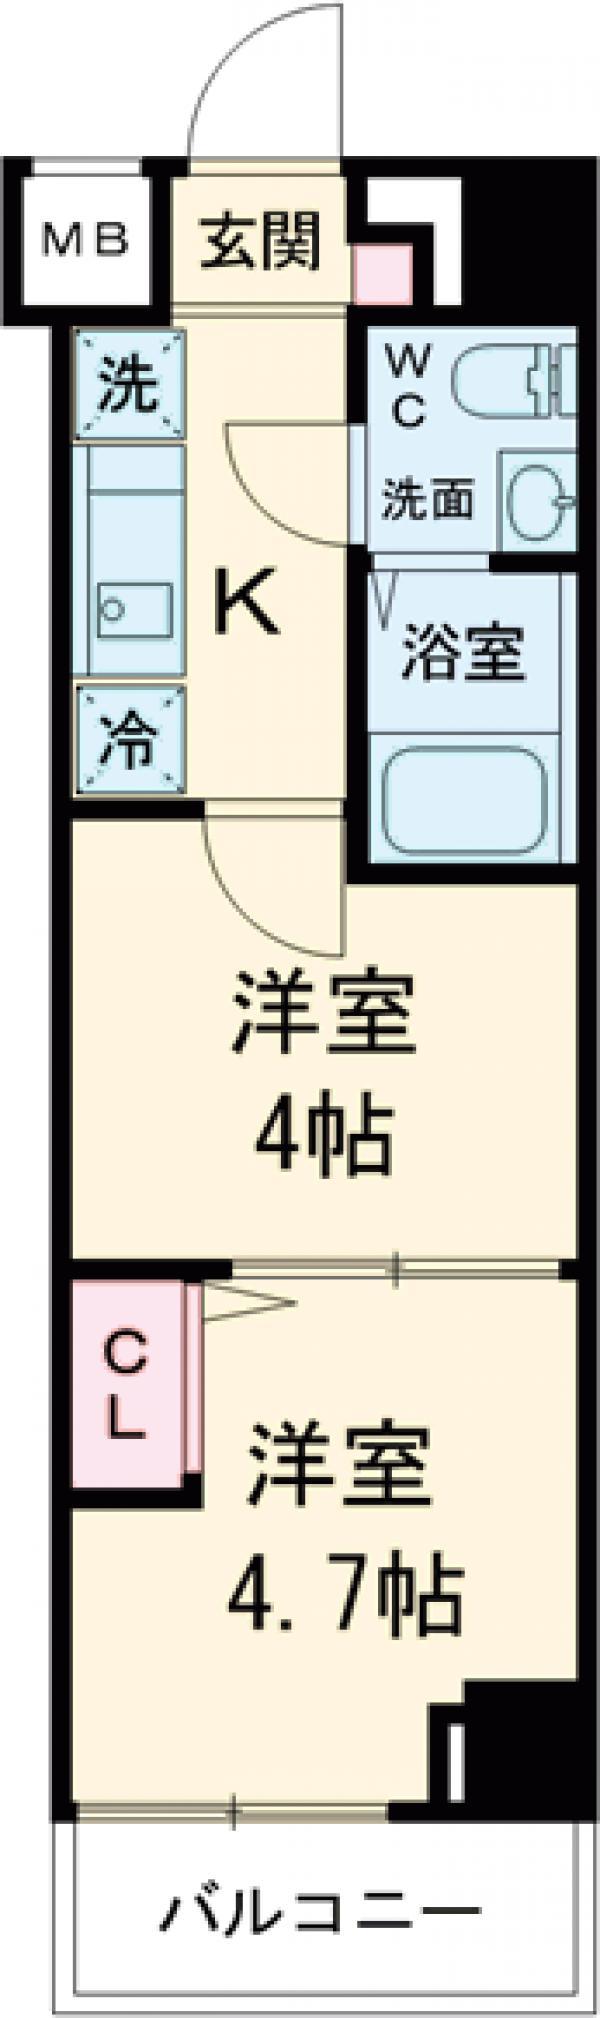 アンベリール マーロ北綾瀬Ⅱ・204号室の間取り